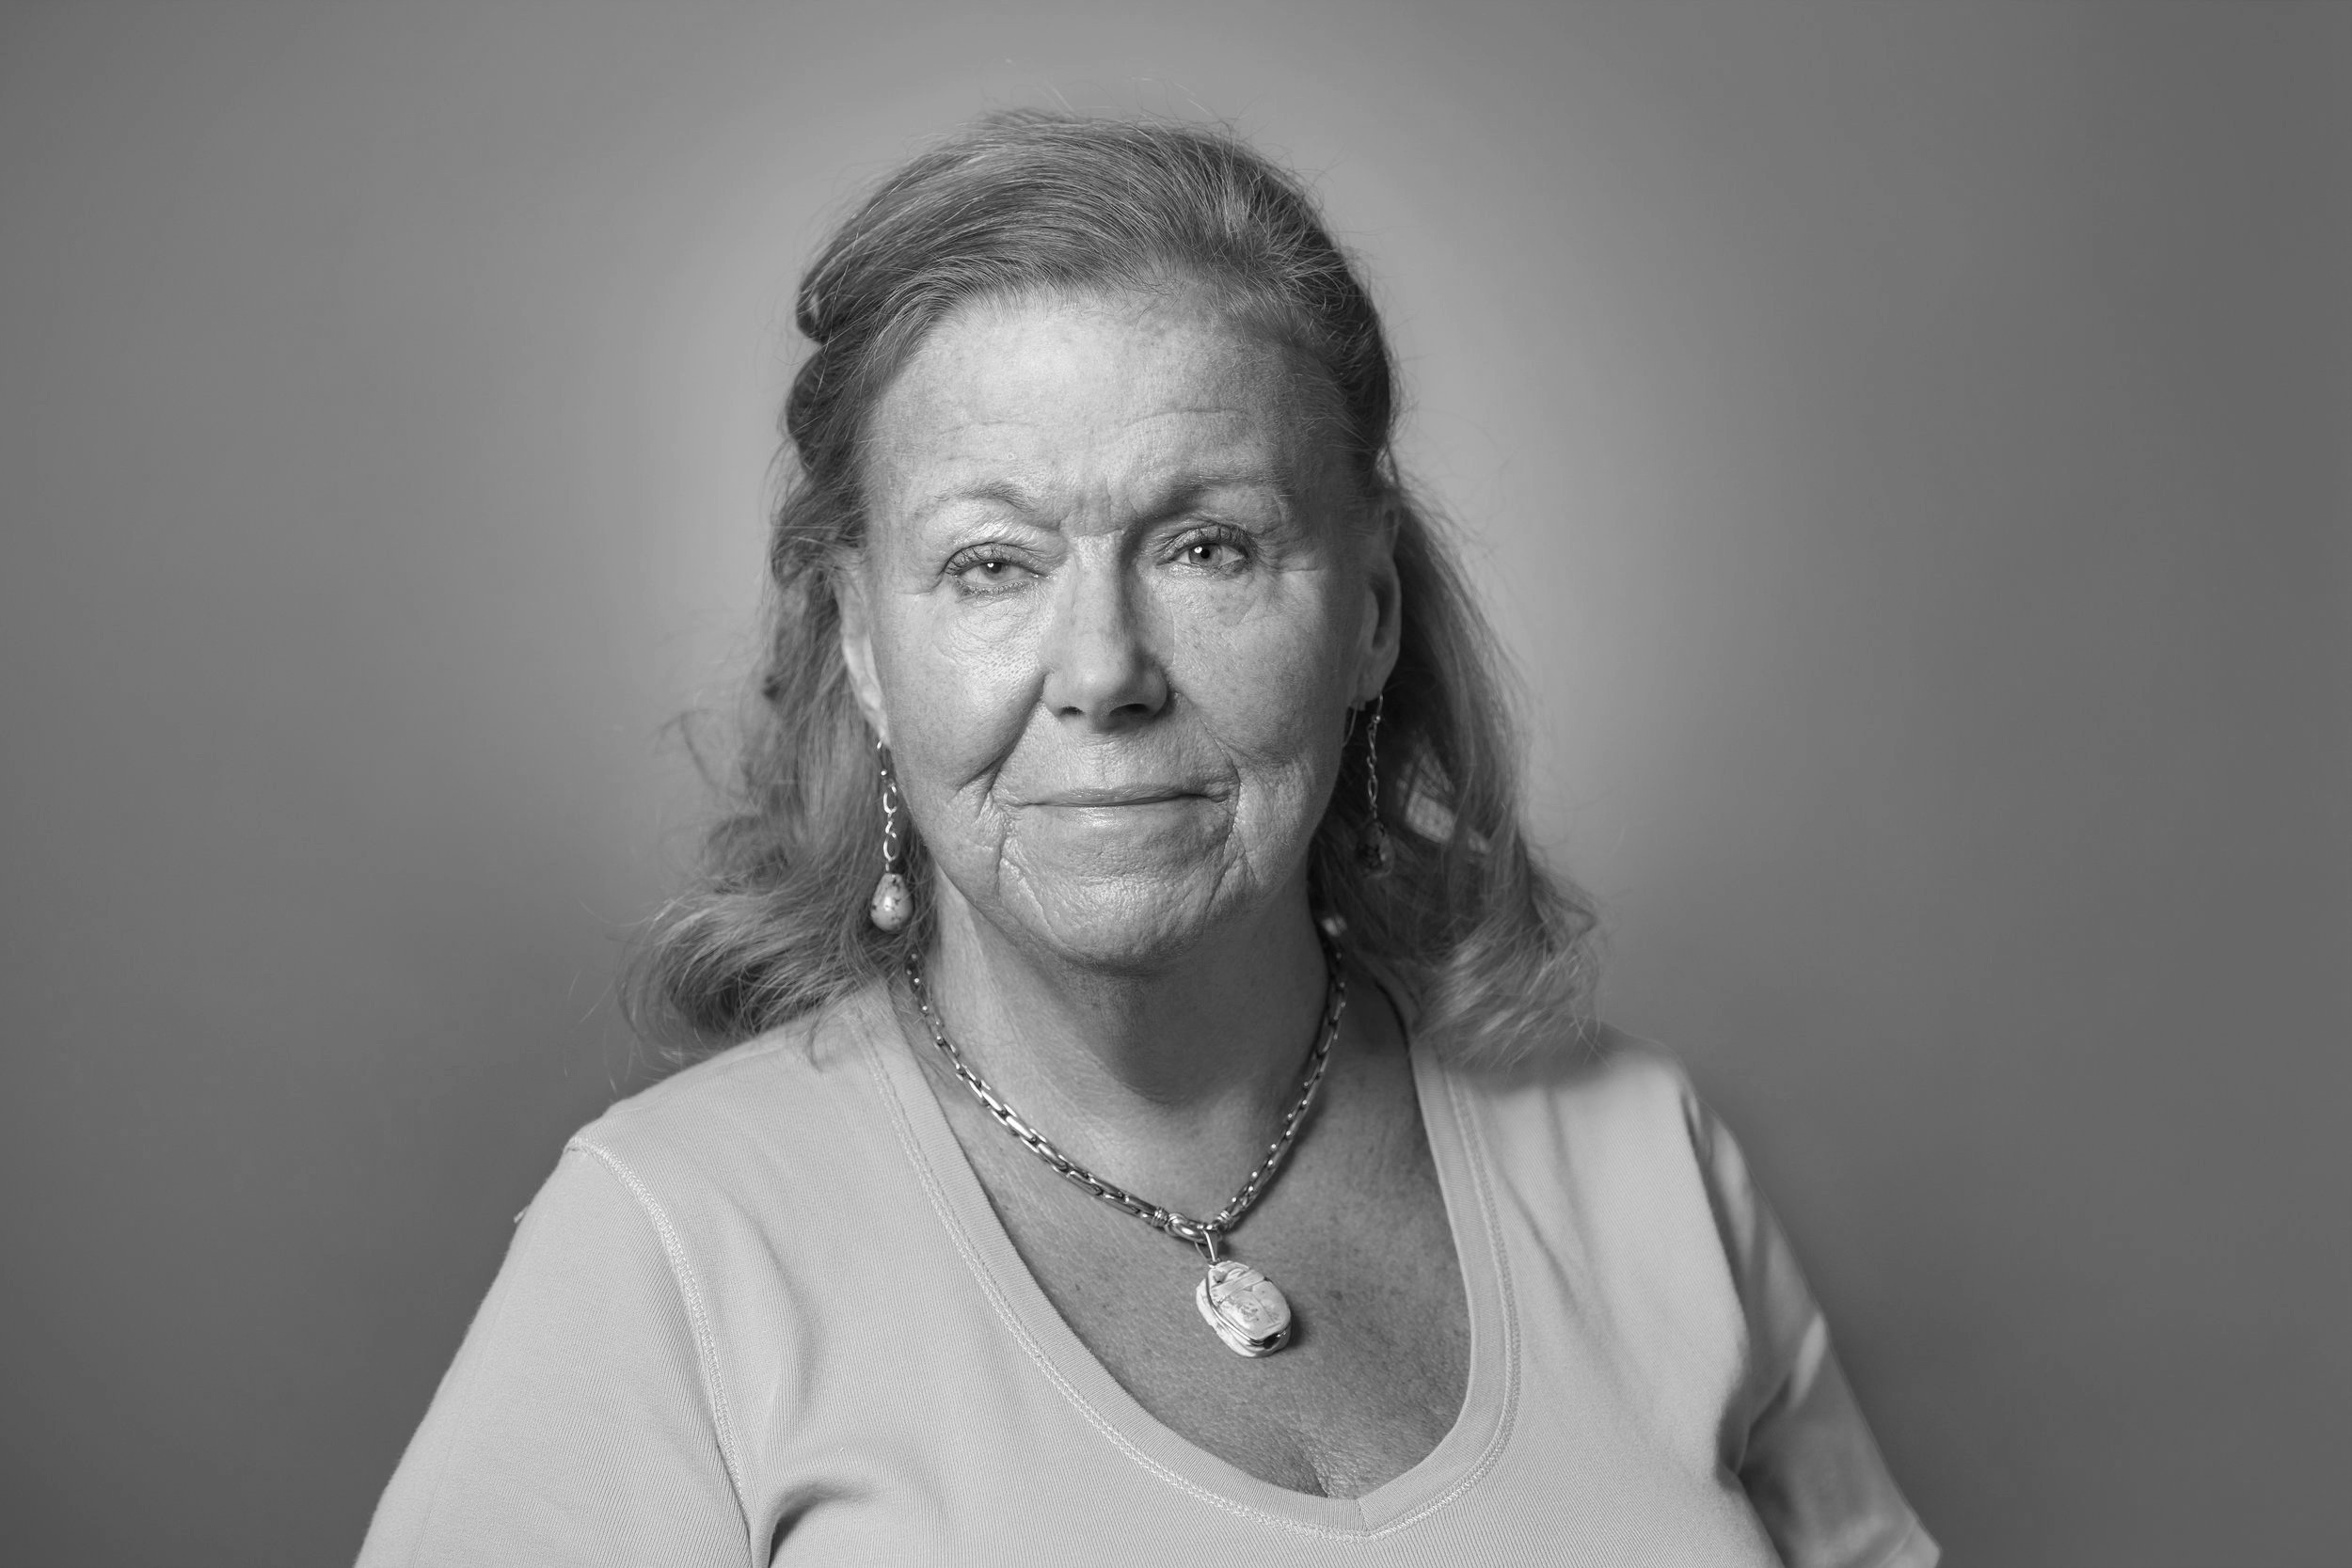 Prinzessin Christina der Niederlande ist im Alter von 72 Jahren gestorben.  ©RVD - Jeroen van der Meyde